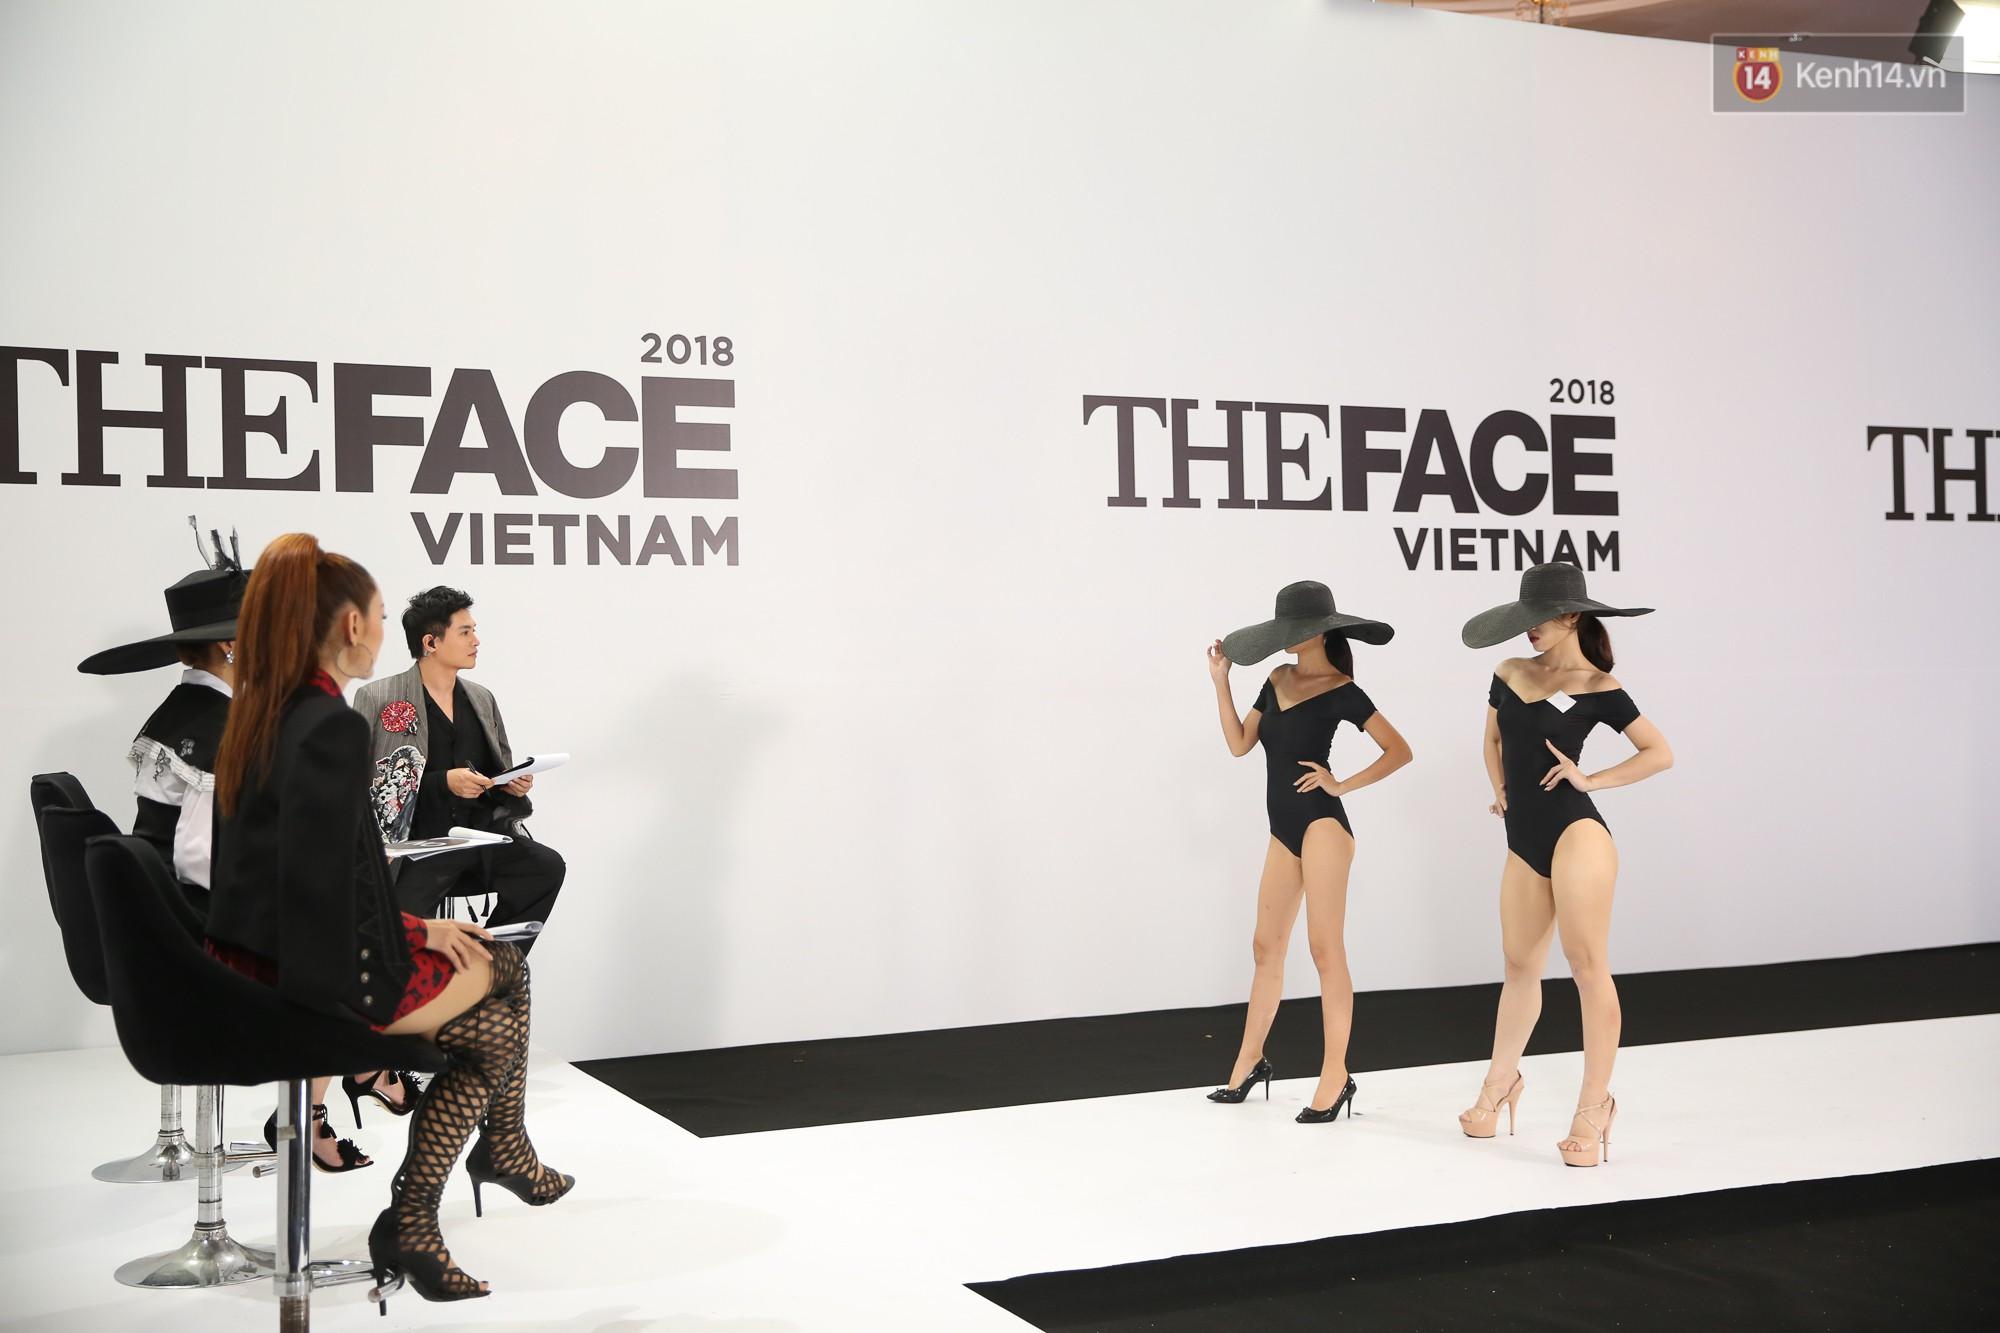 The Face thi hình thể: Trai xinh gái đẹp khoe body hấp dẫn, có thí sinh đầu tiên ngất xỉu - Ảnh 5.